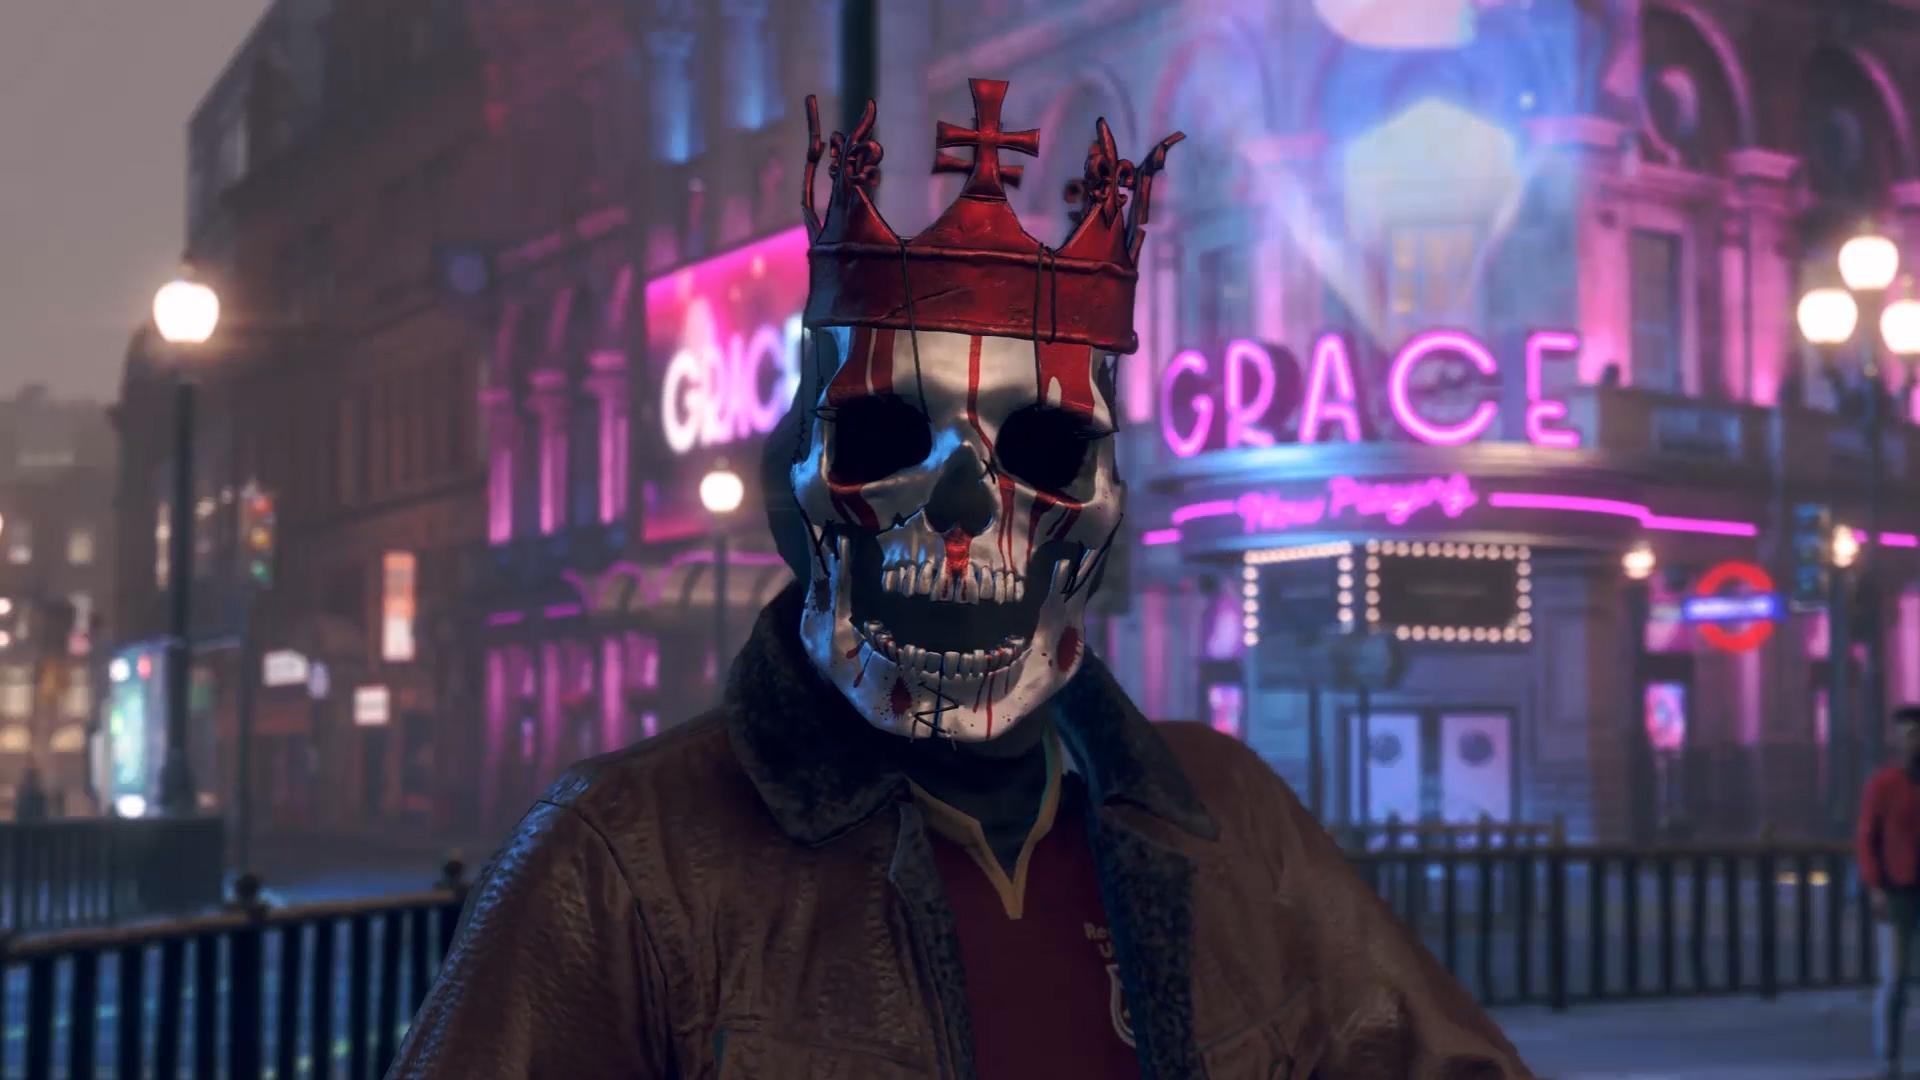 夜晚的城市,背景是带有粉红色霓虹灯的城市建筑,主角是一名戴着骷髅头面具的人。